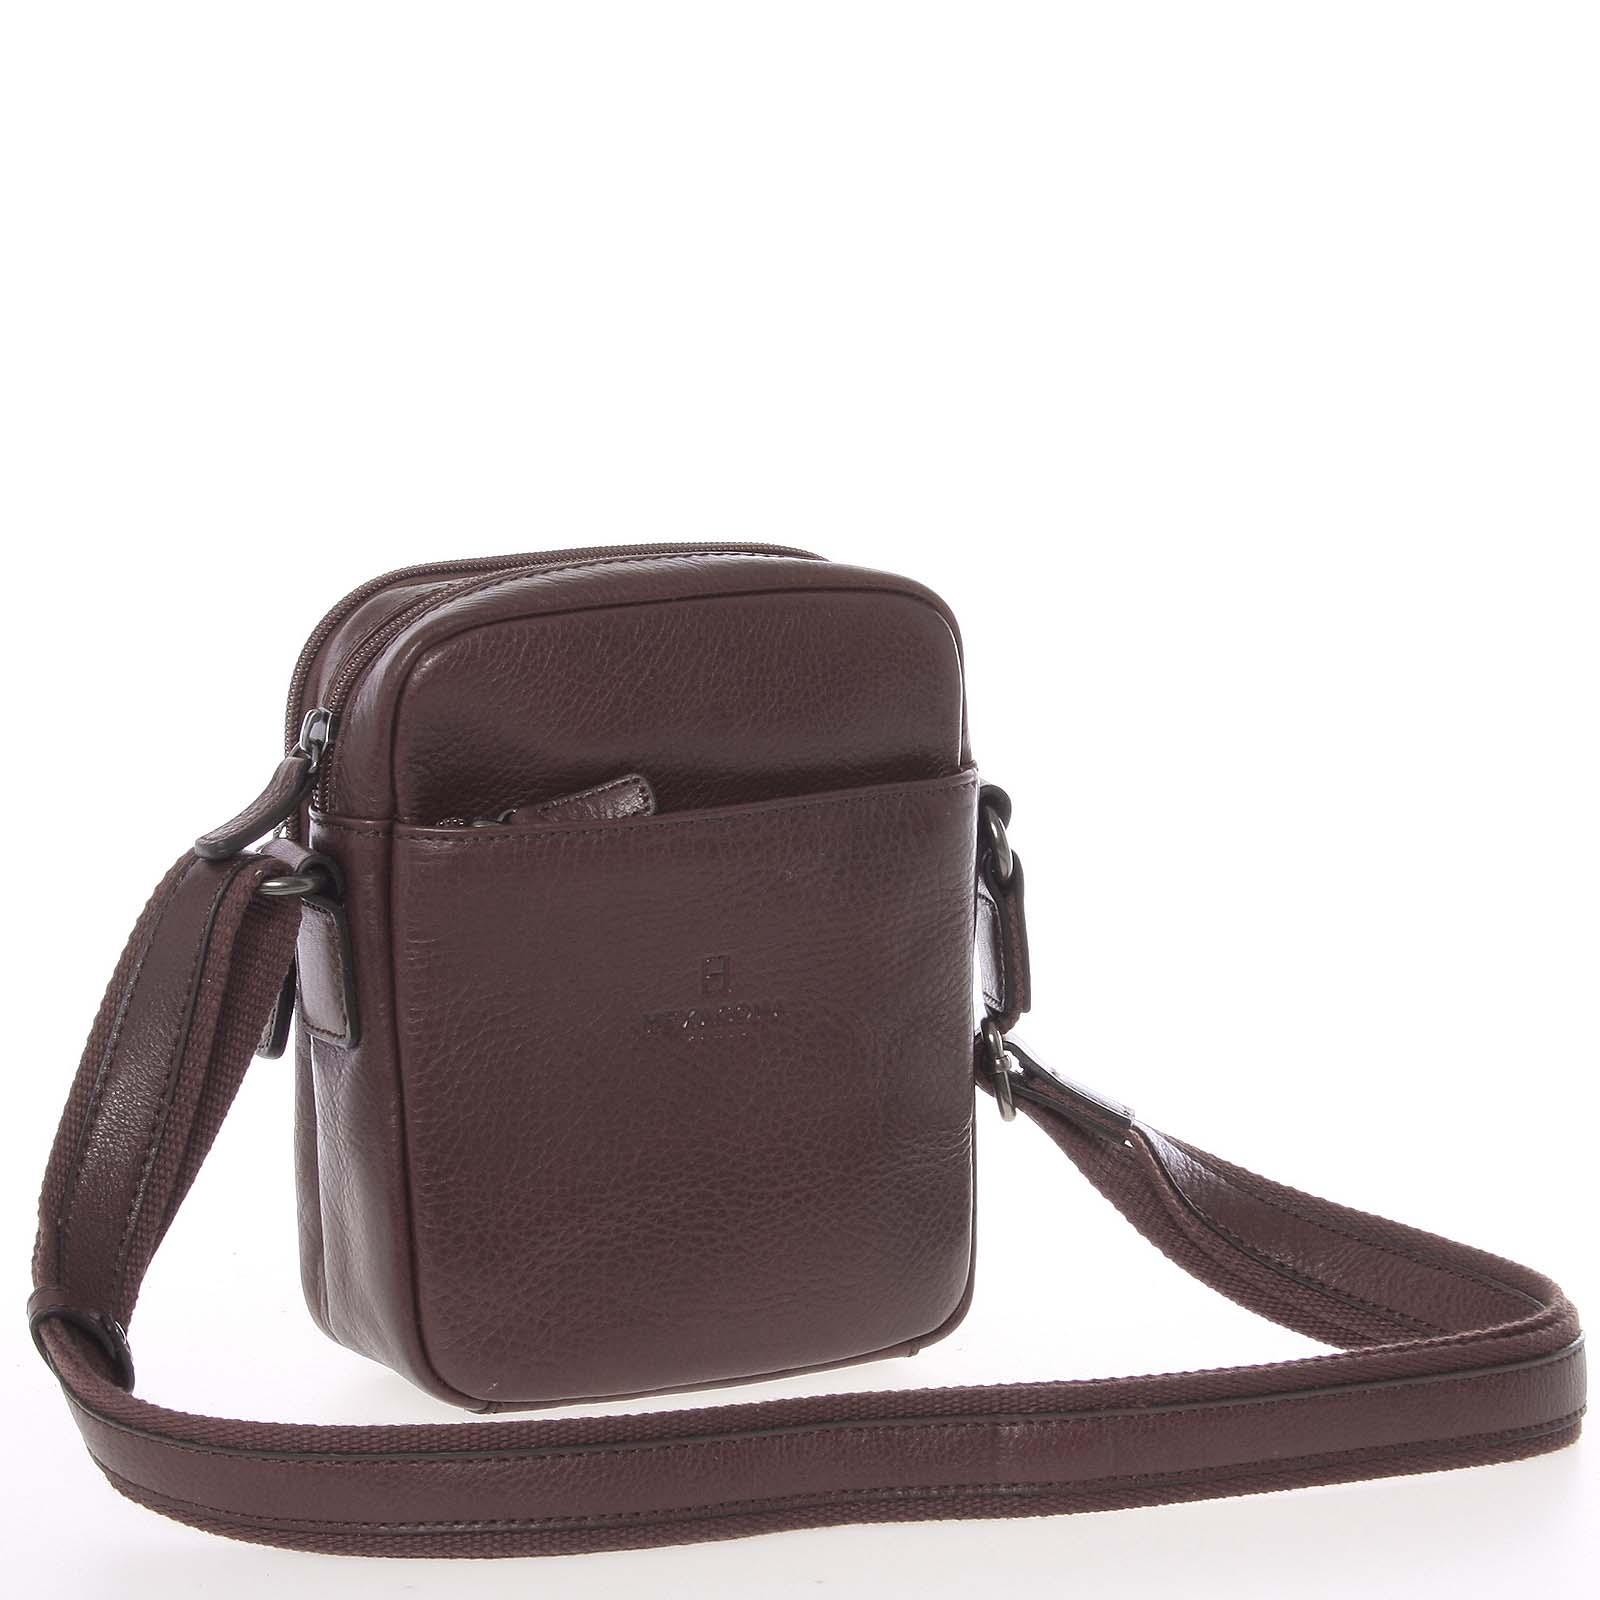 Hnedá luxusná kožená taška na doklady Hexagona 123477 hnedá